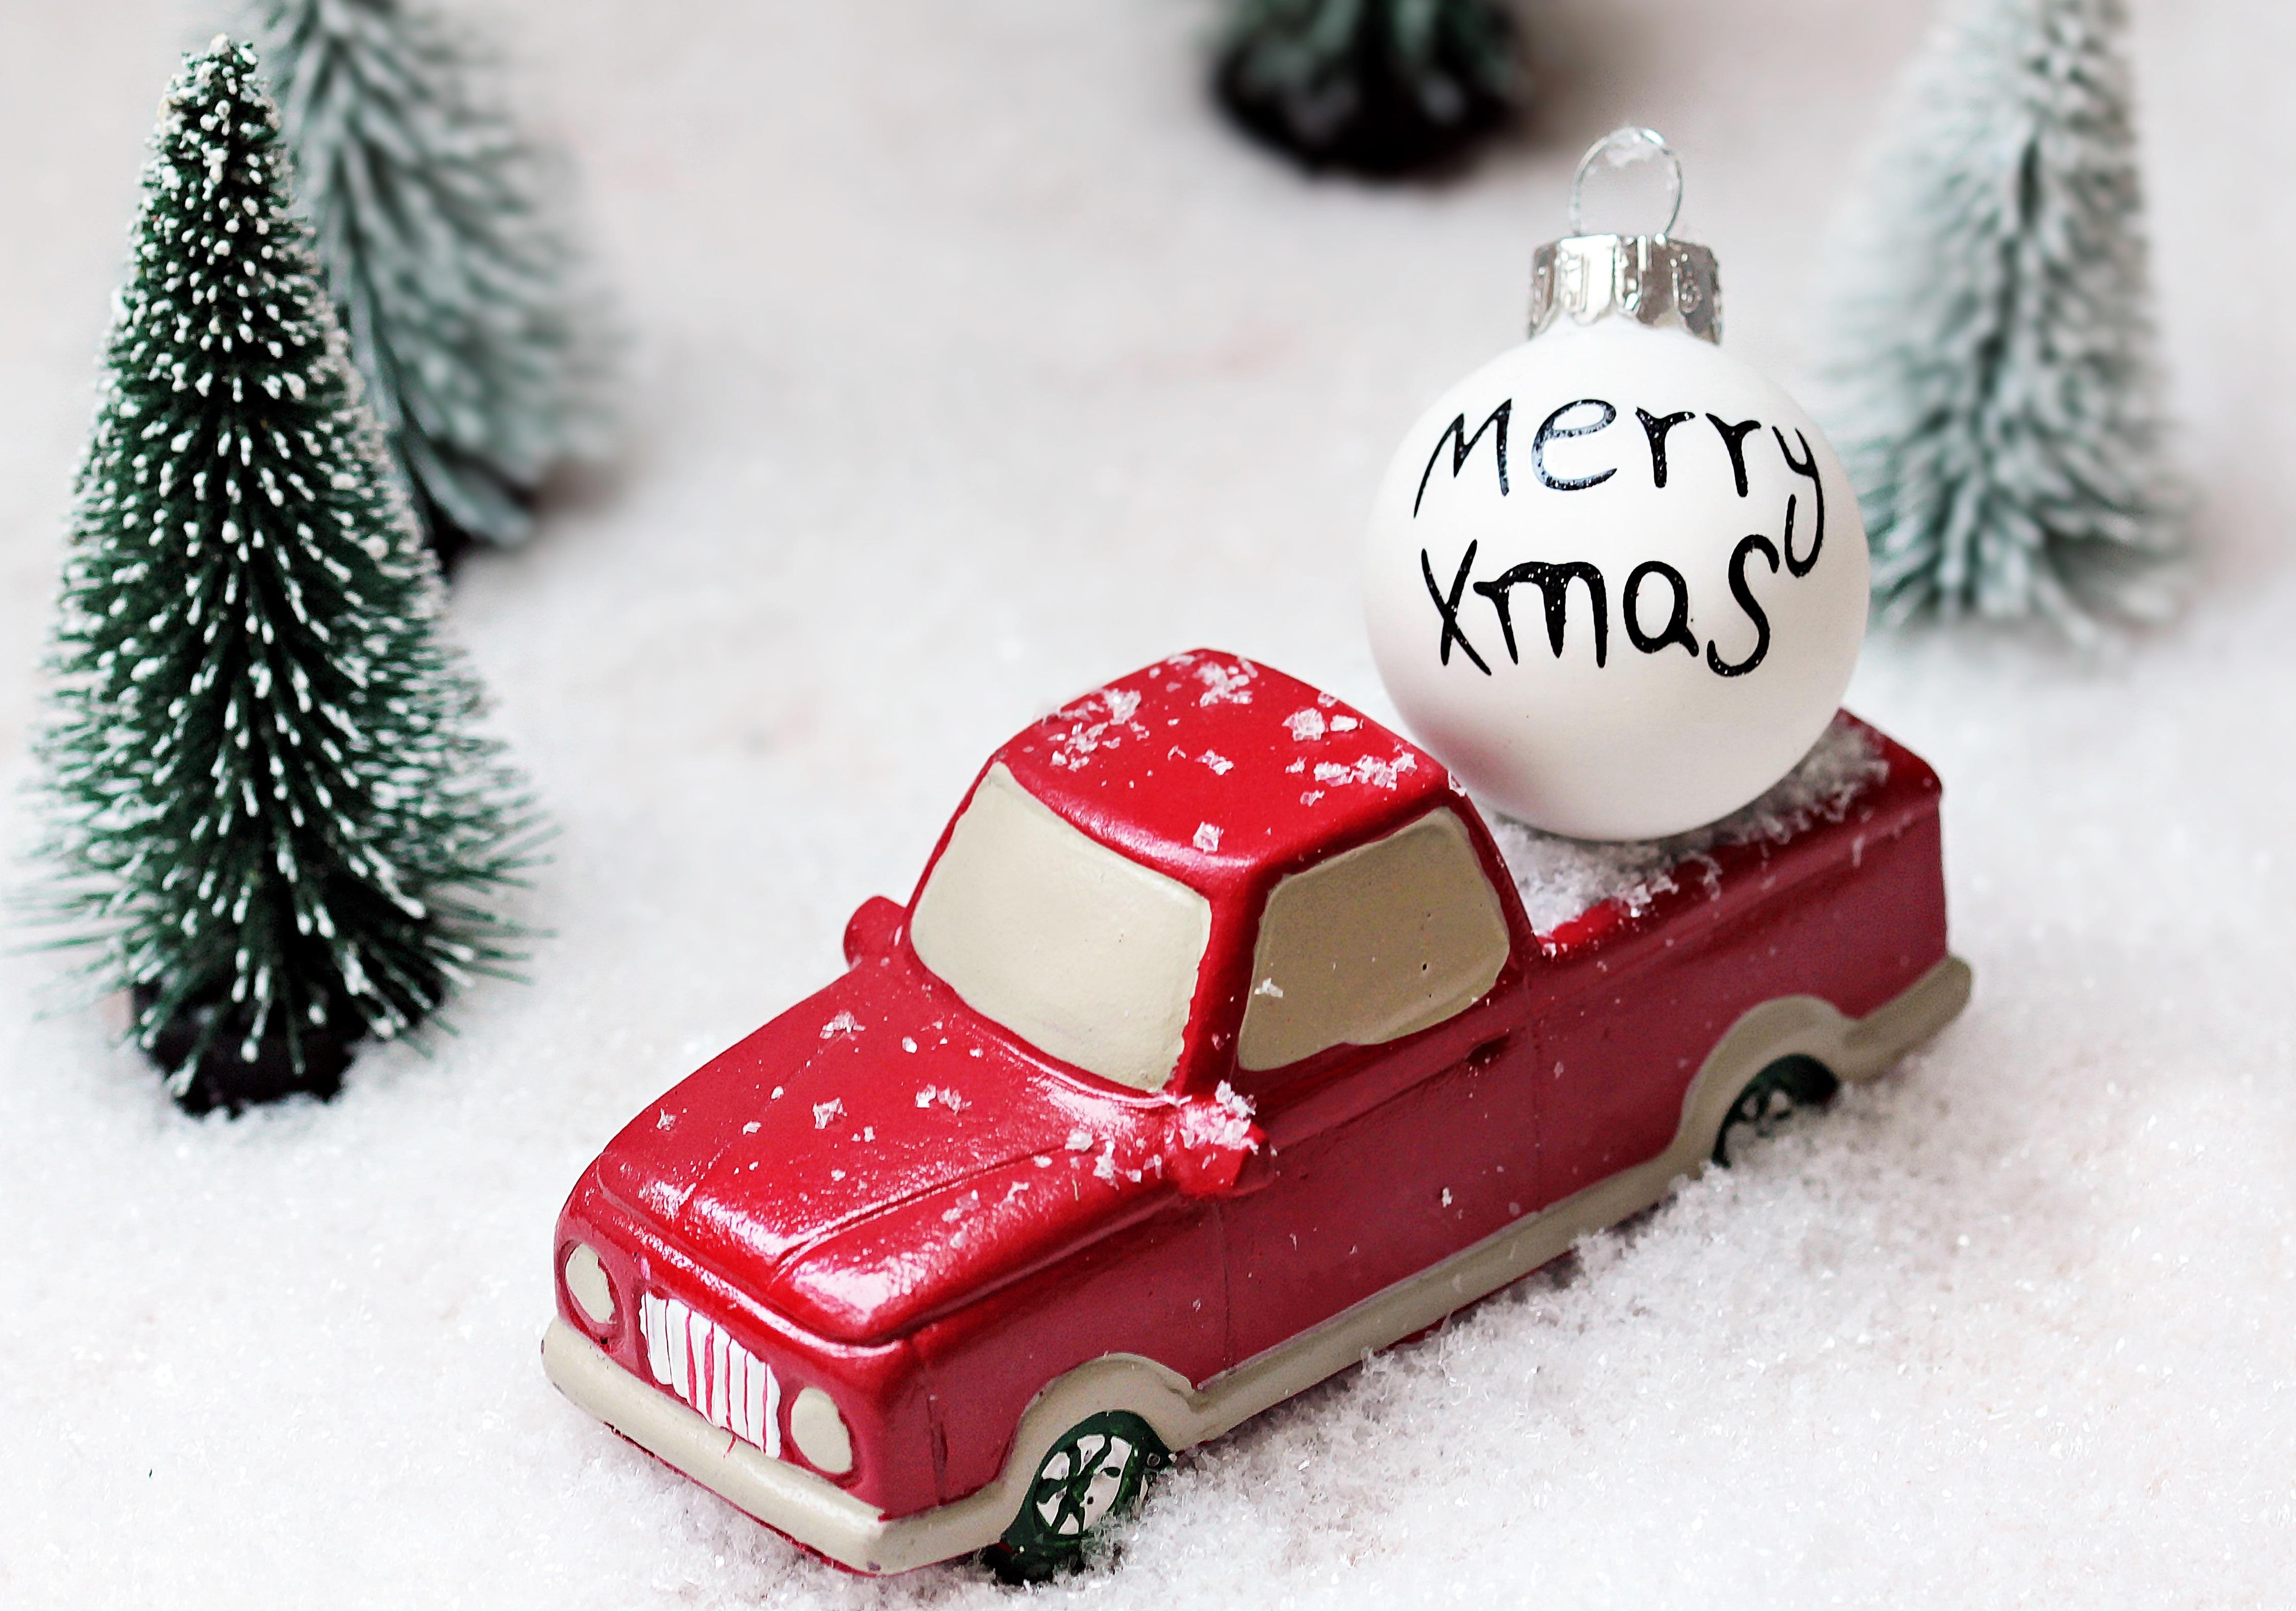 52071 скачать обои Праздники, Рождество, Игрушка, Машинка, Шар, Елки - заставки и картинки бесплатно